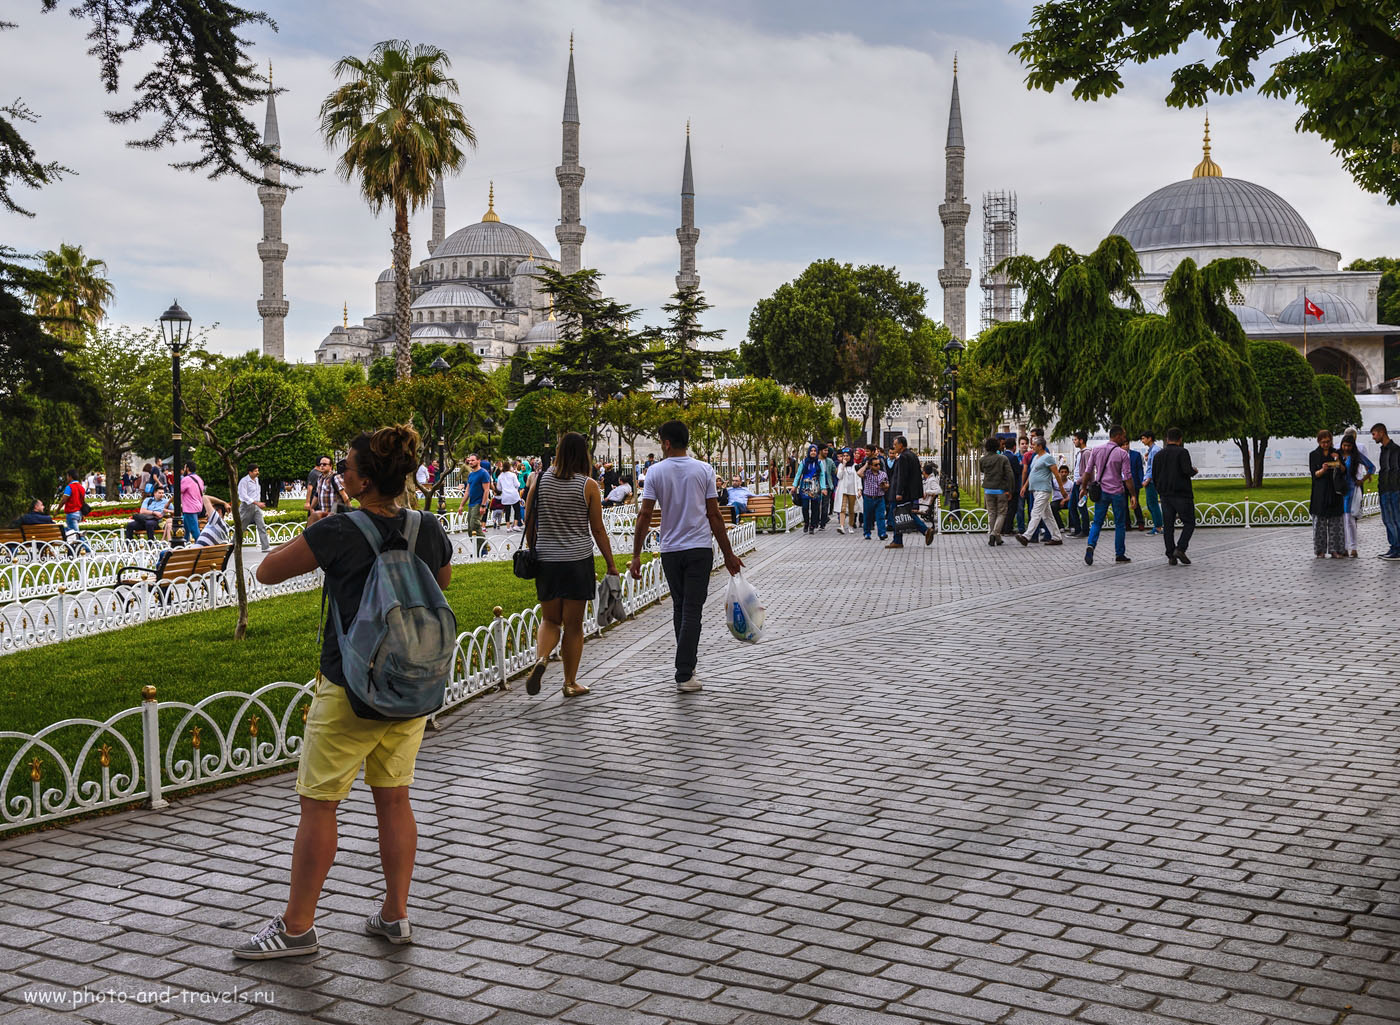 Фото 4. Вид на сквер у площади Султанахмет в Стамбуле. На заднем плане – Голубая мечеть. Путешествие по Турции самостоятельно. Камера Никон Д610, объектив Никон 24-70 мм f/2.8. Настройки: 1/160, -1.0, 8.0, 125, 35. Данный снимок: тонмаппинг (HDR из одного кадра).